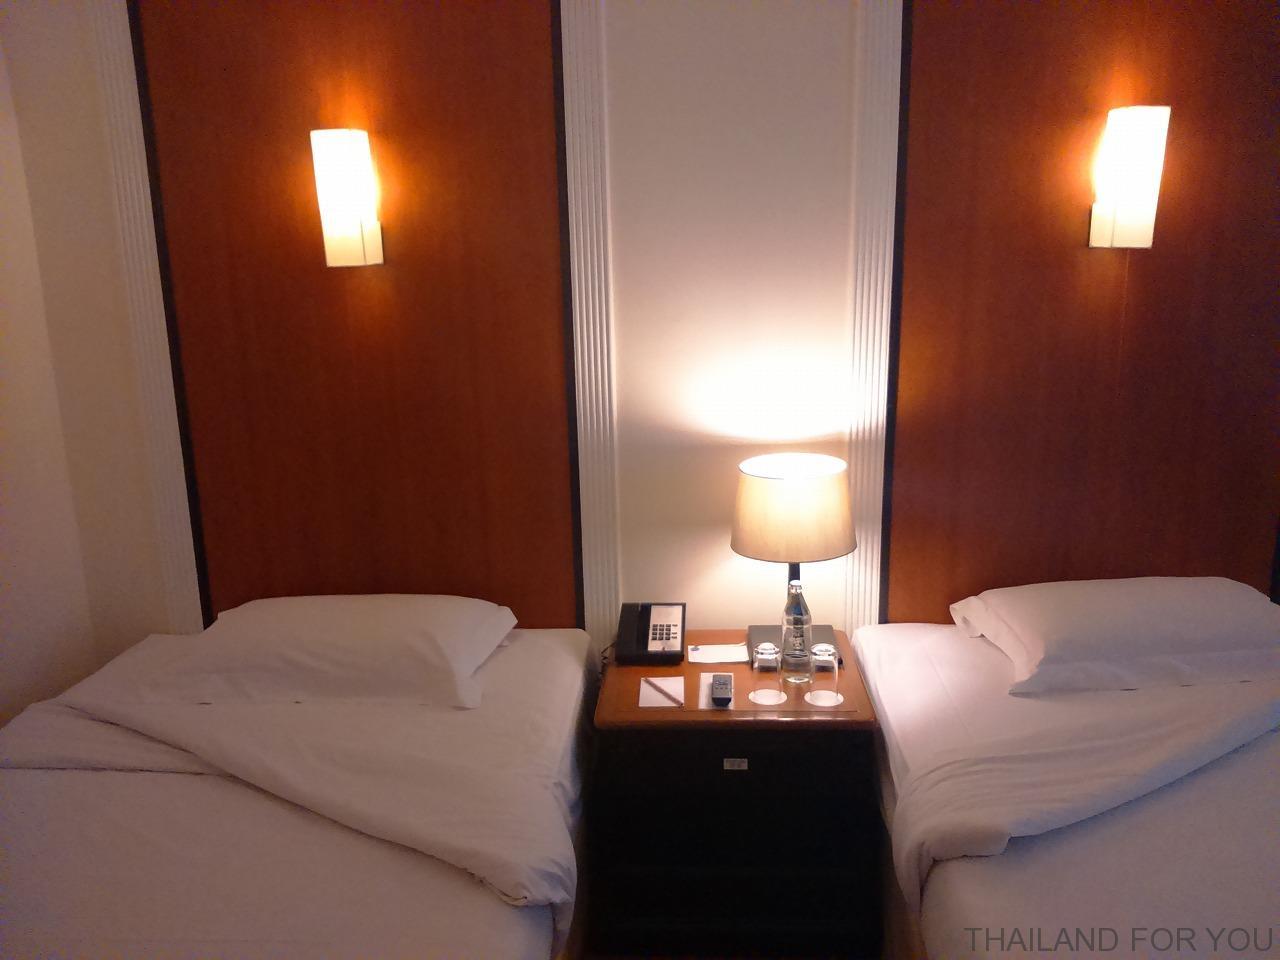 ドゥシット プリンセス チェンマイ ホテル (Dusit Princess Chiang Mai Hotel) 部屋 写真